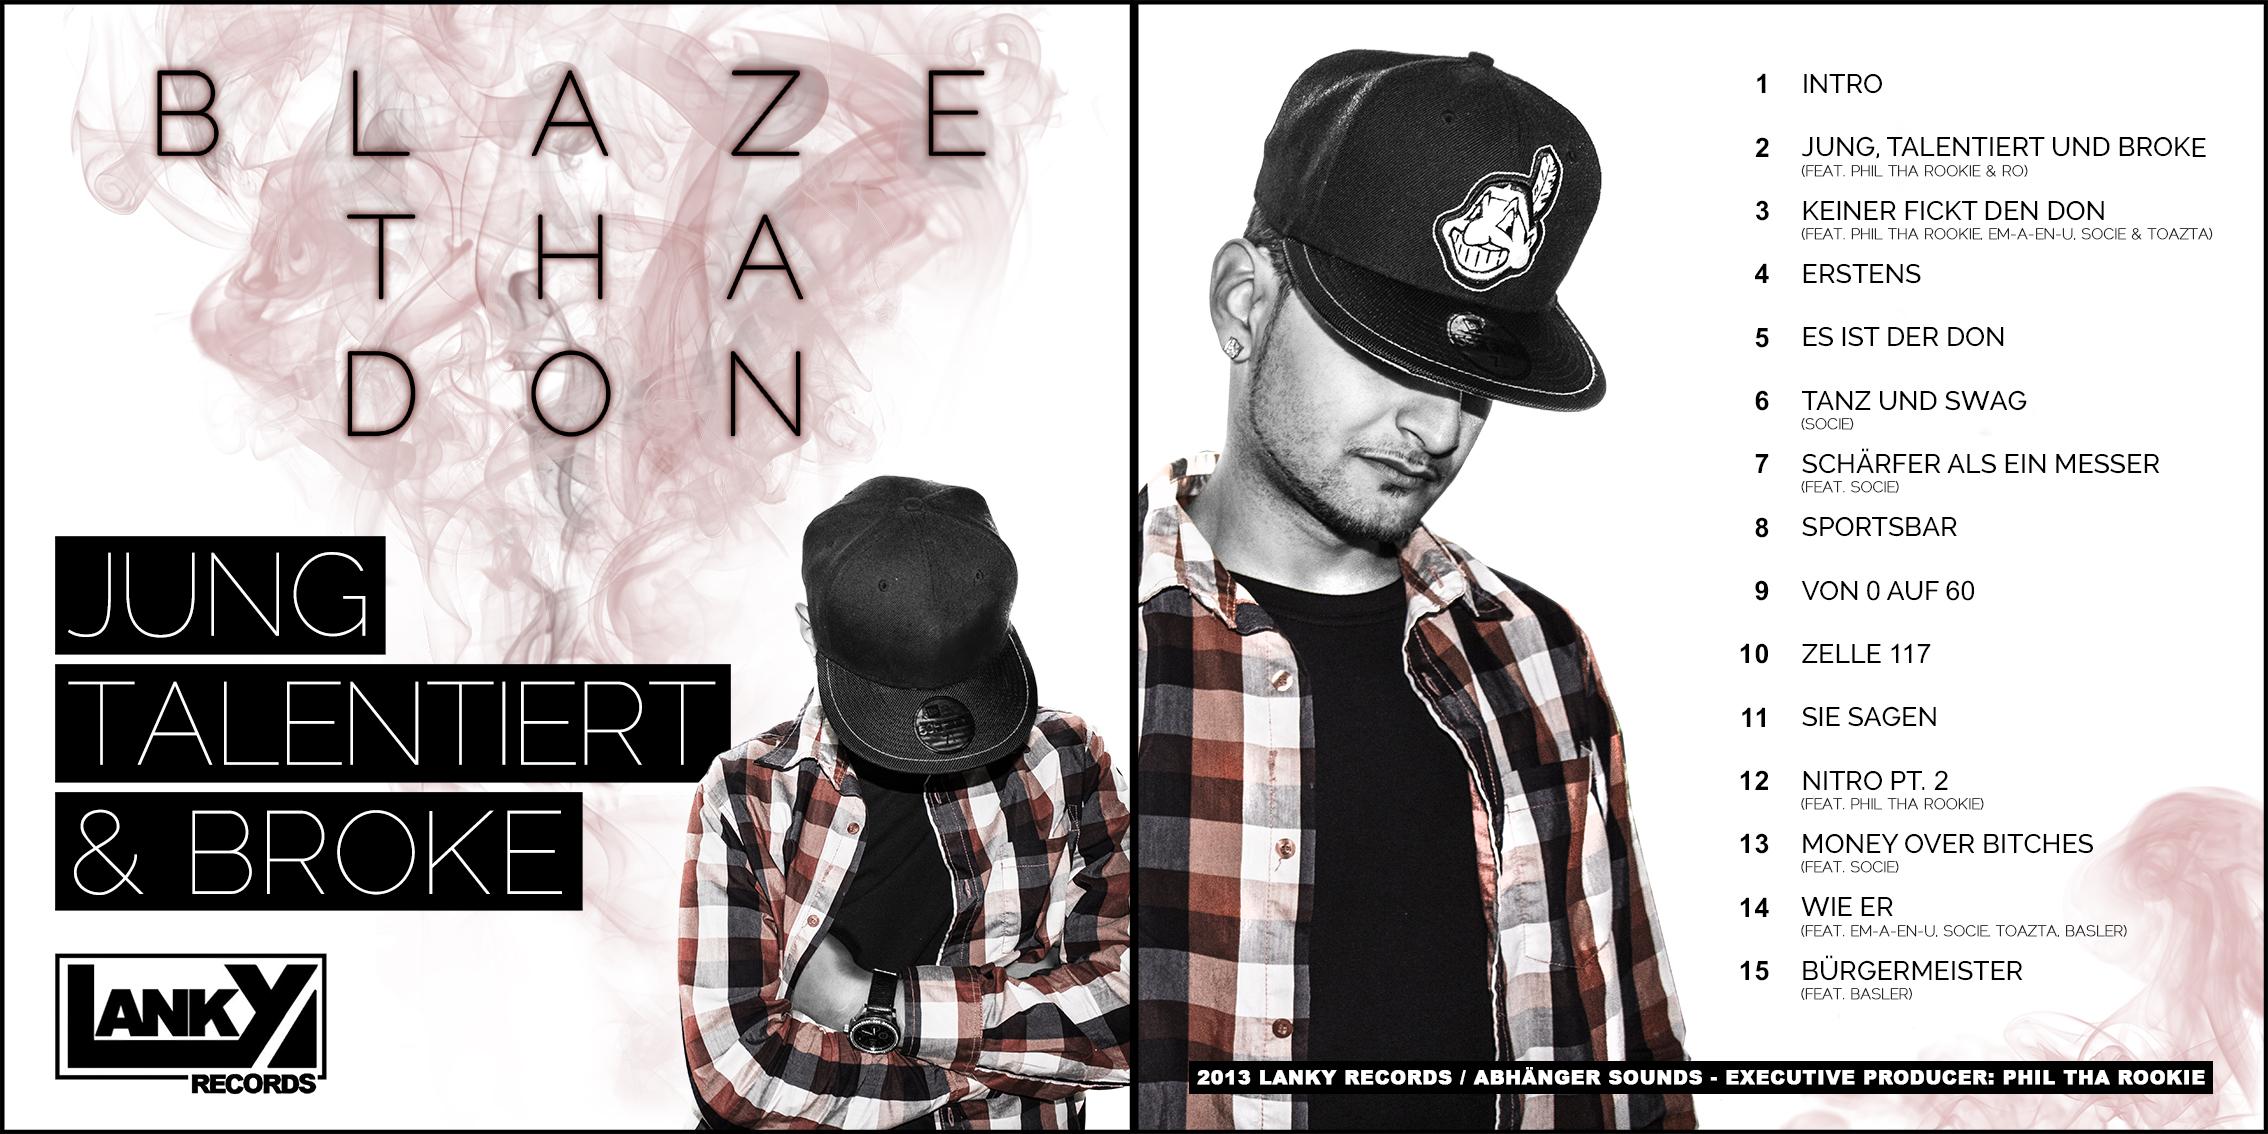 Blaze Tha Don - Jung, talentiert und broke (Cover)